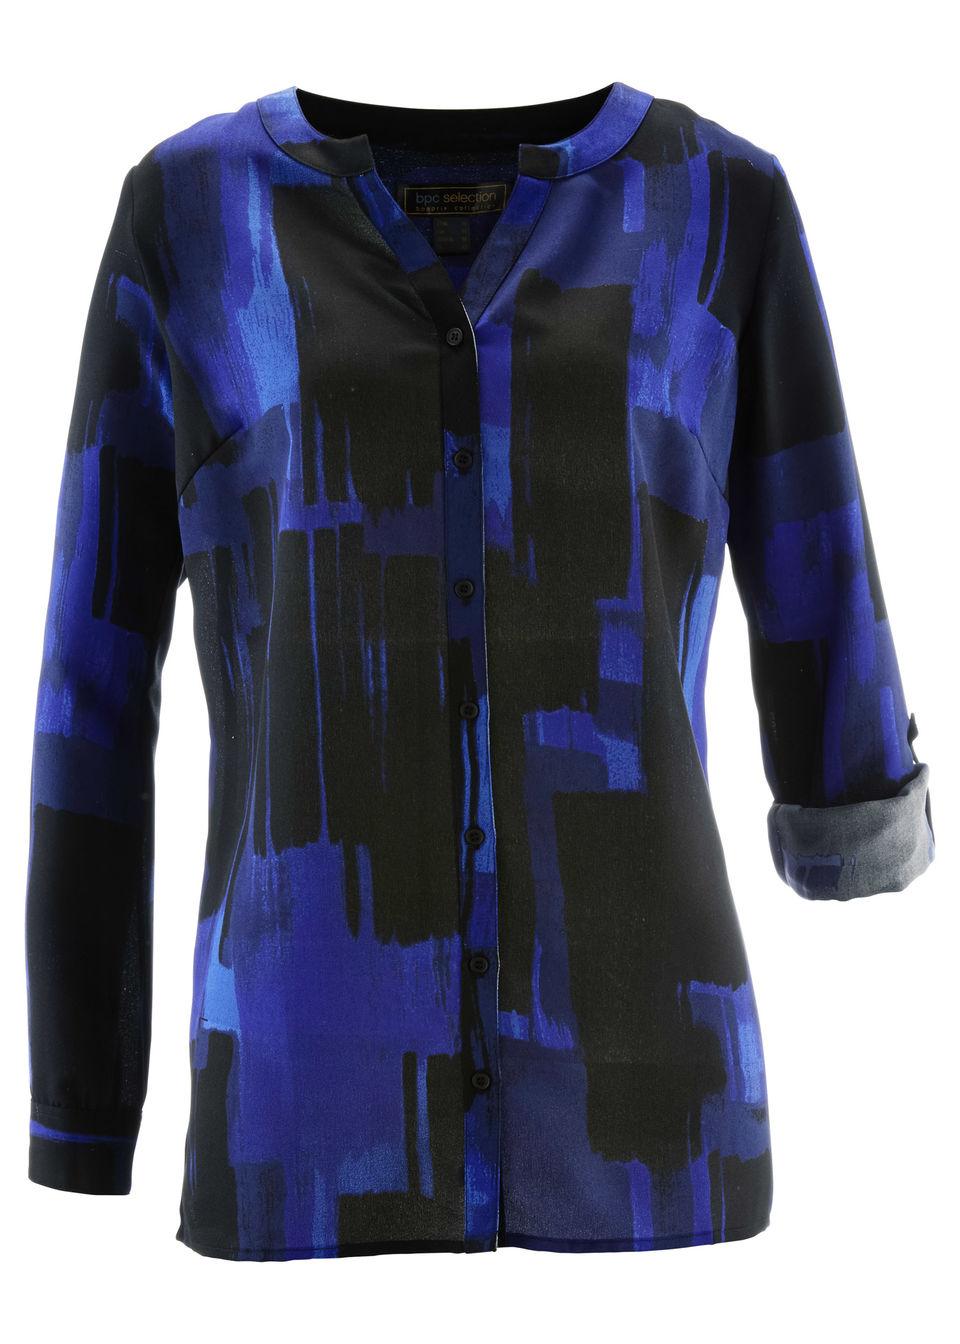 Купить Удлиненная блузка с принтом, bonprix, сапфирно-синий/черный